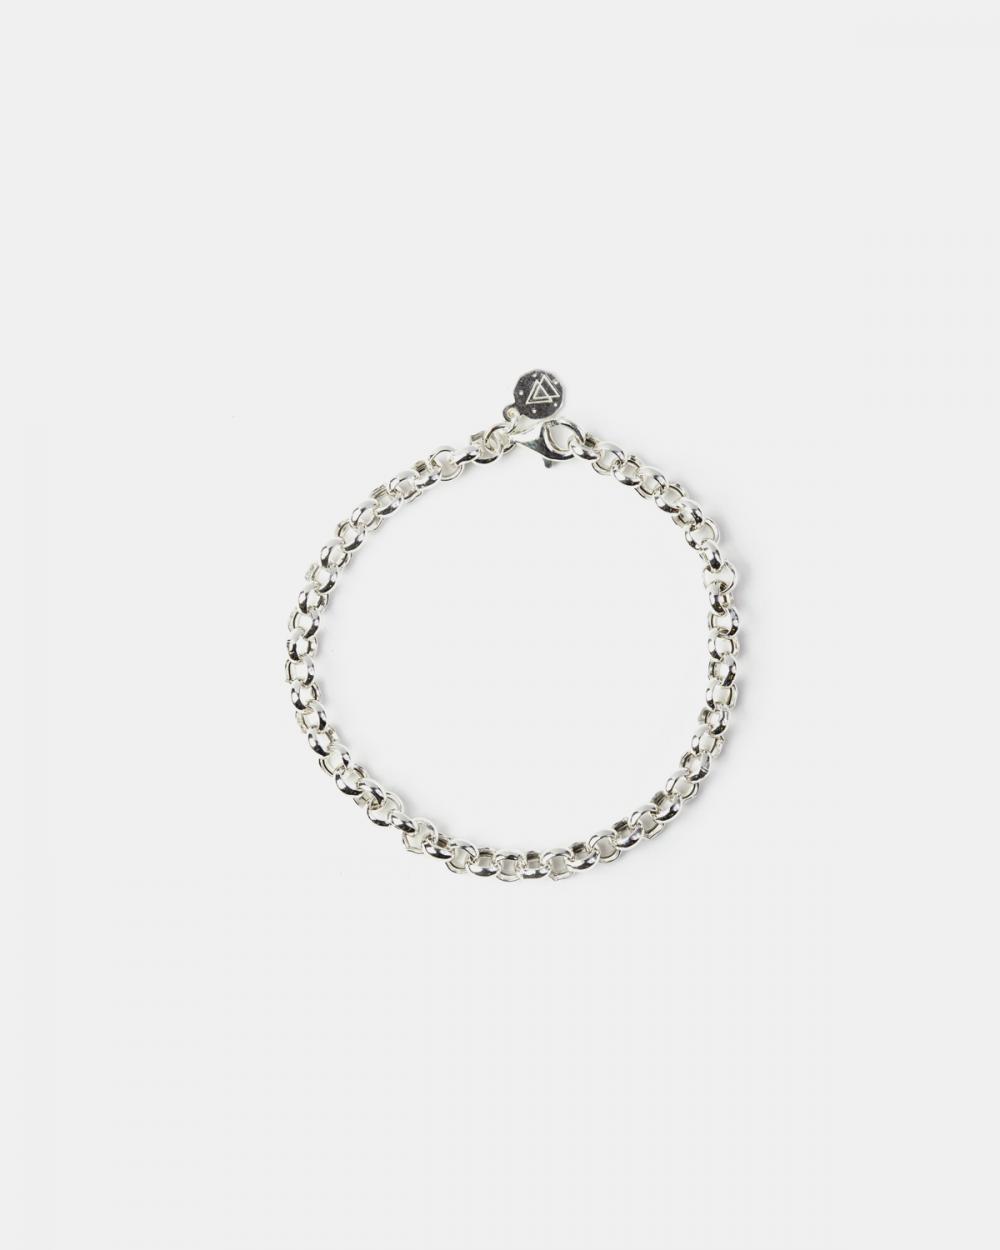 Bracelets BERGER BRACELET 500 NOVE25